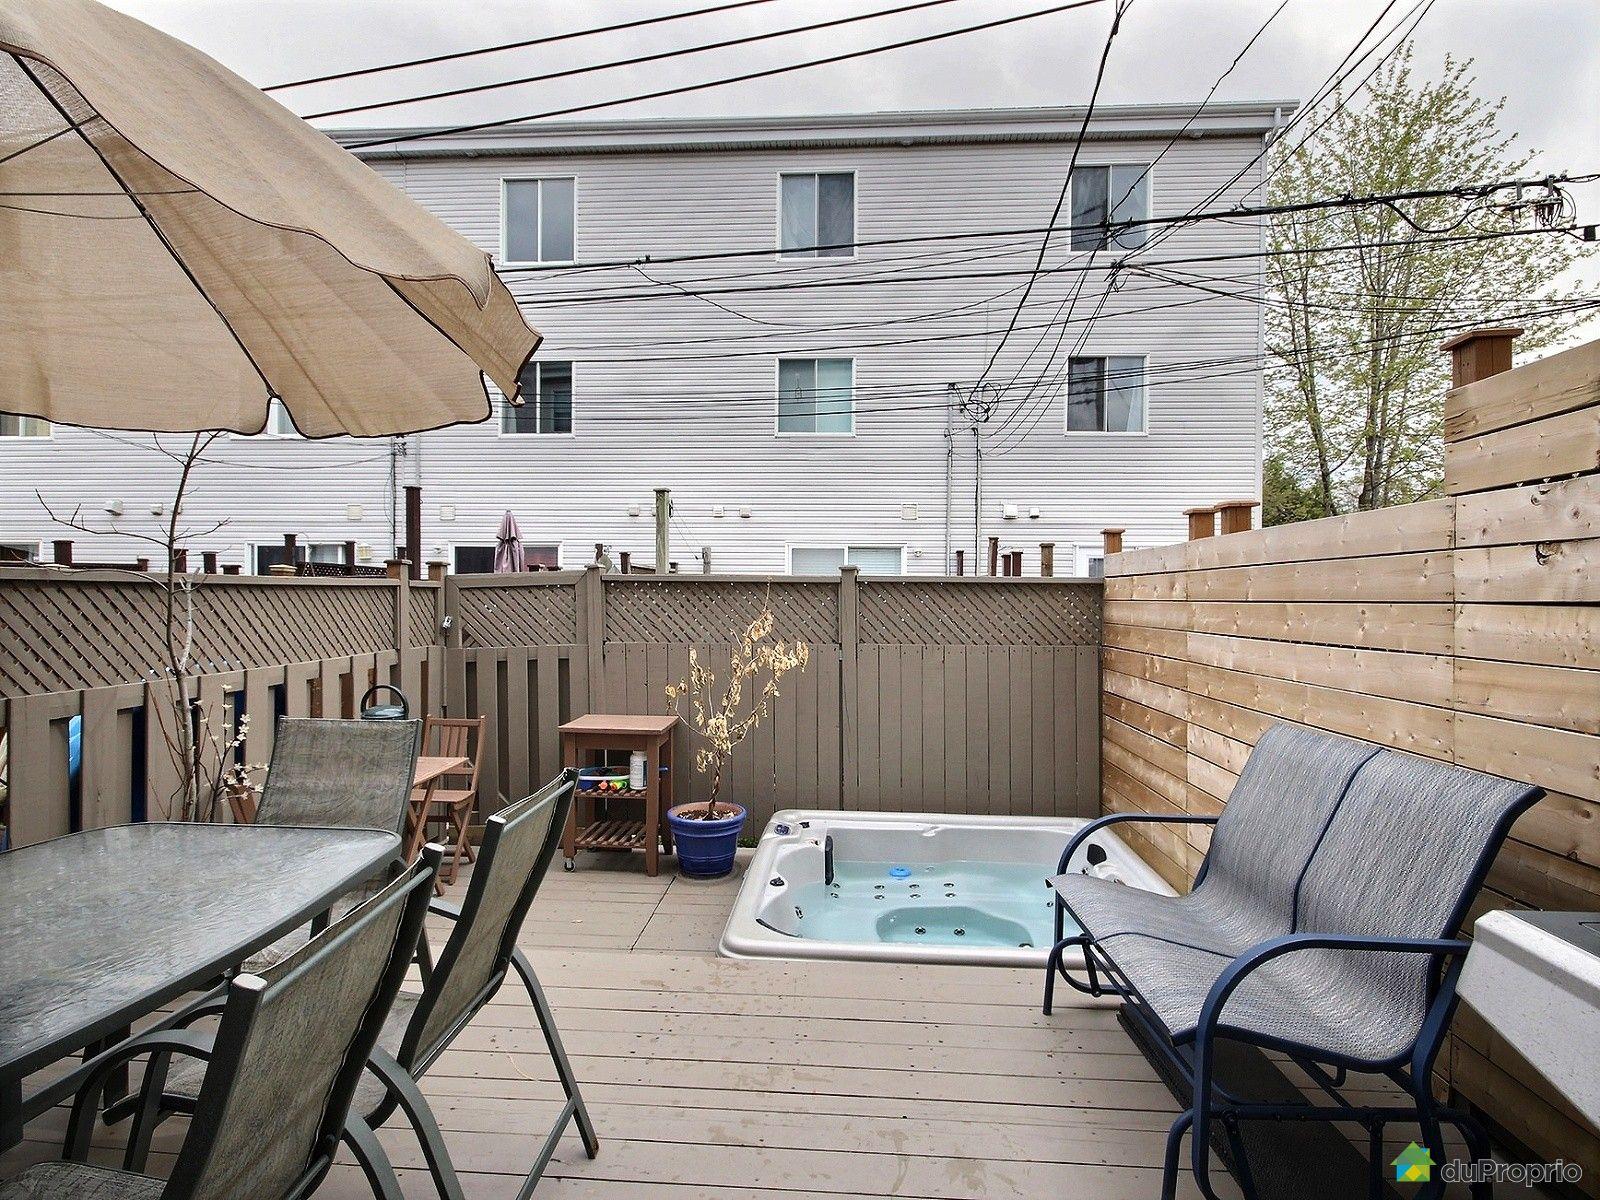 Maison vendre montr al 14883 rue sherbrooke est for Piscine exterieur montreal